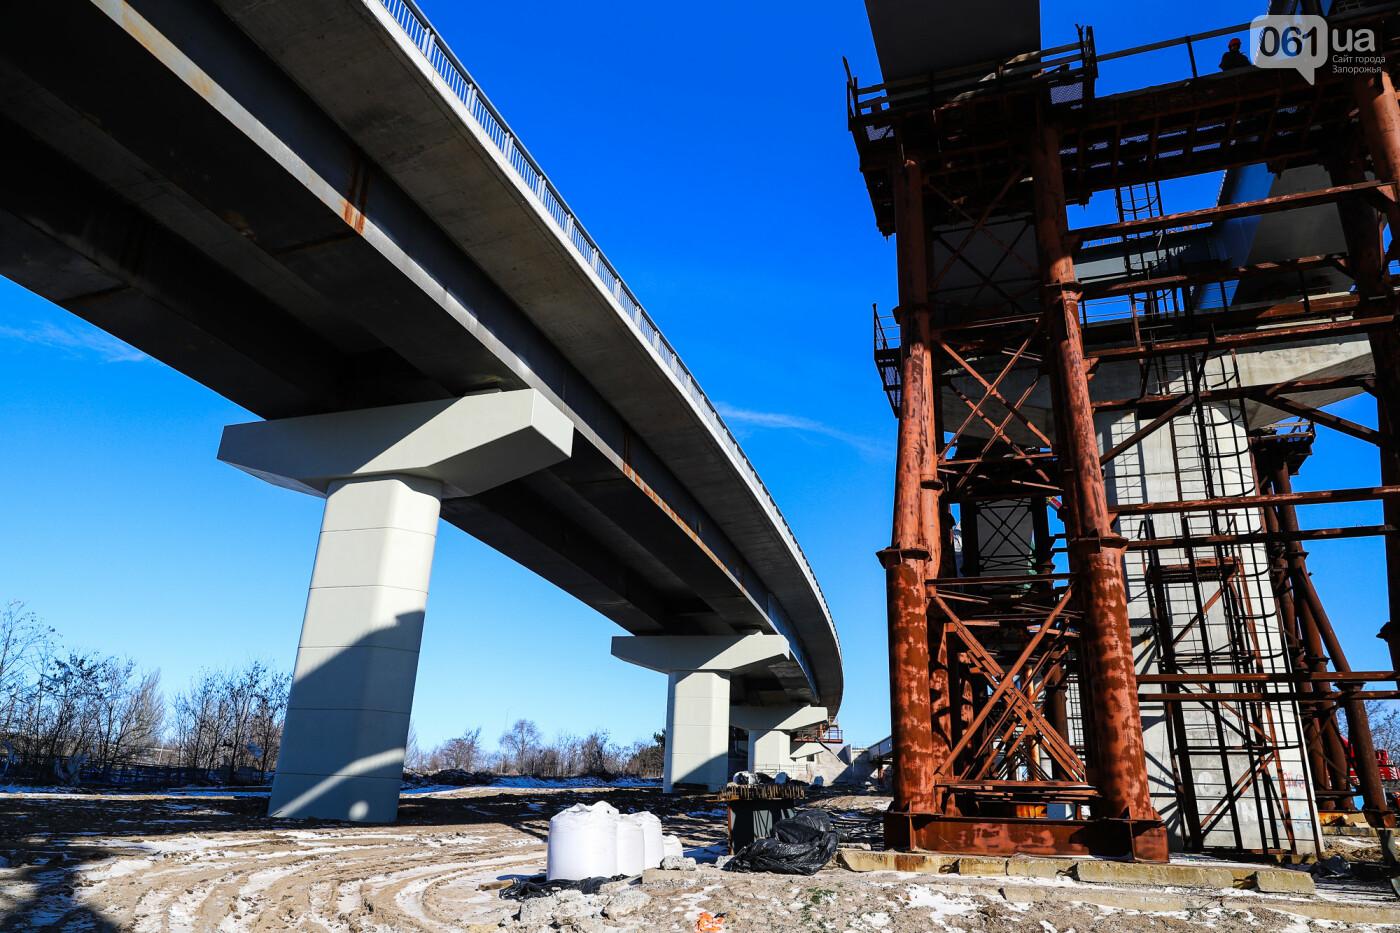 Кран с иностранной пропиской, ванты и металл: строительство запорожских мостов в фотографиях, фото-39